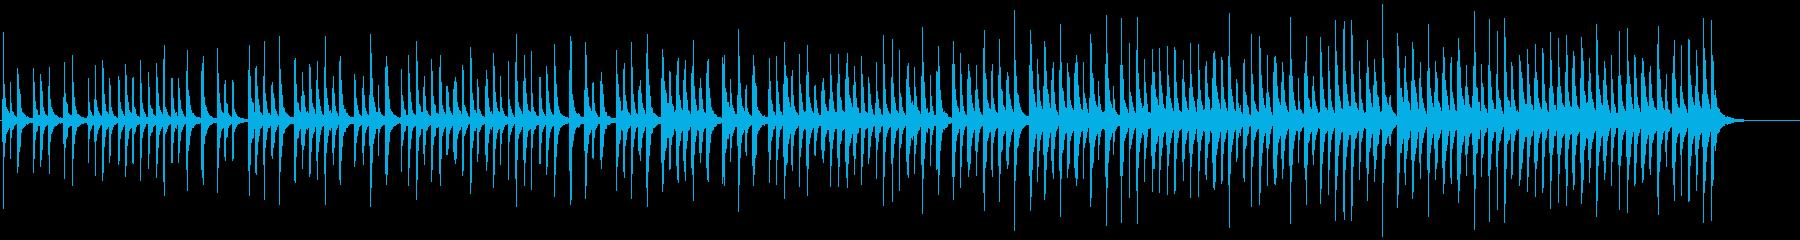 大人数のハンドクラッピングアンサンブルの再生済みの波形